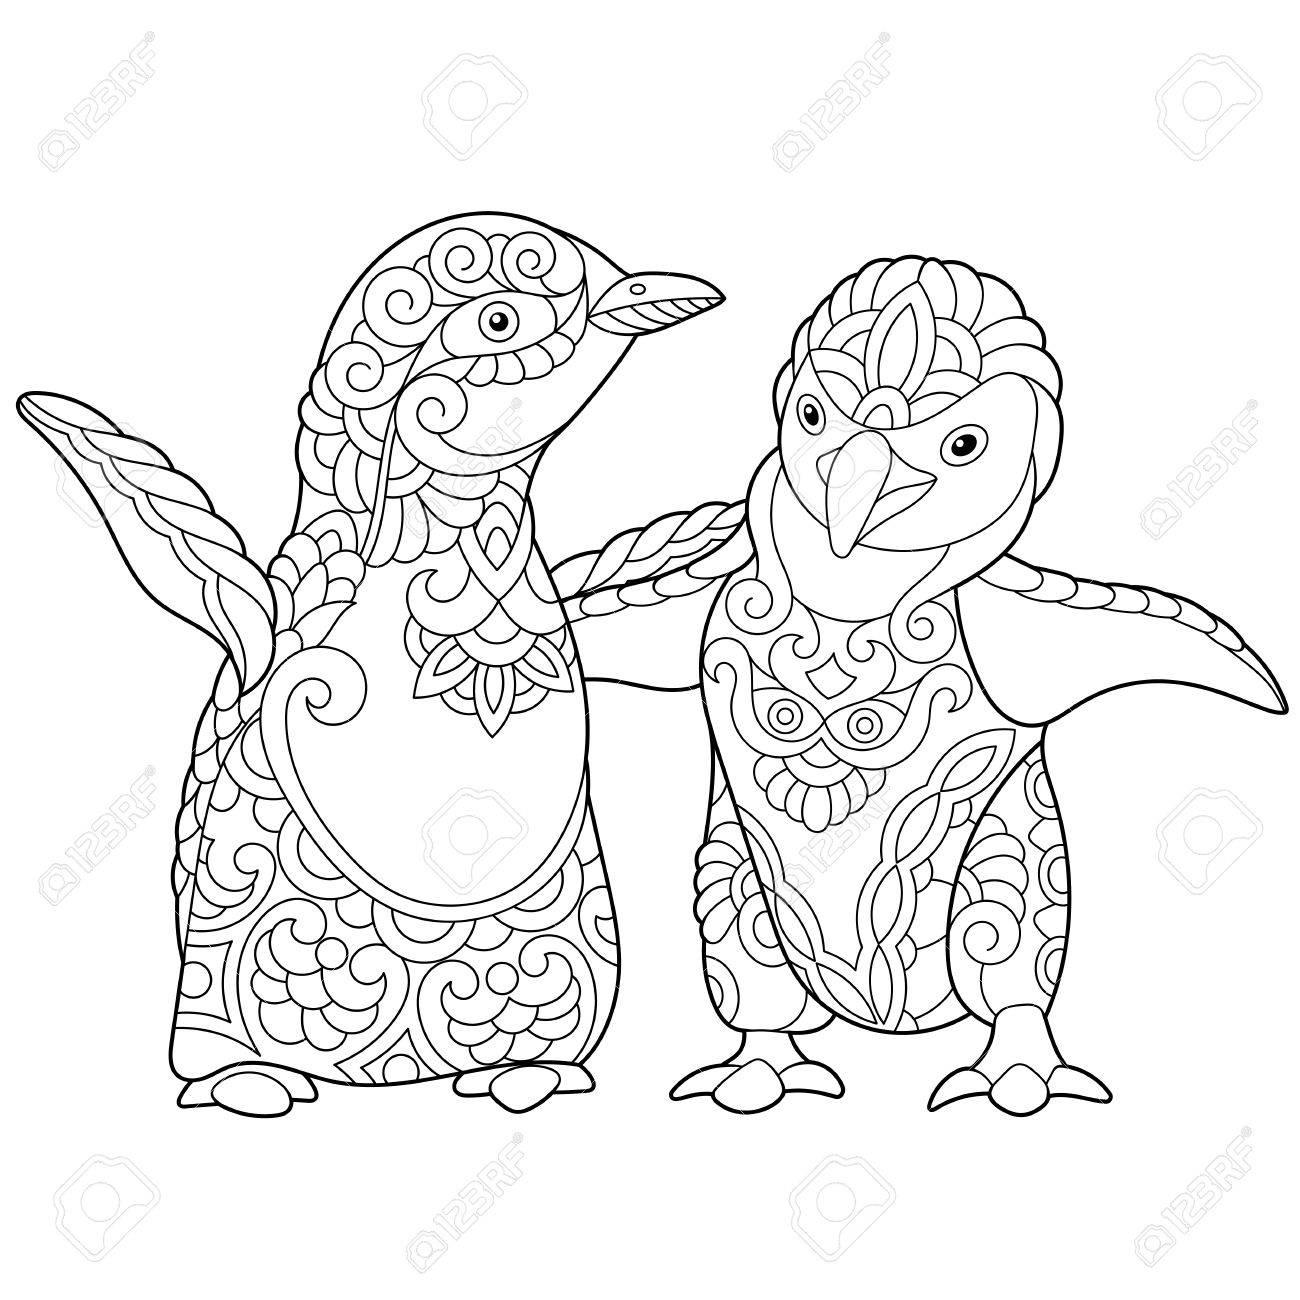 若い皇帝ペンギンのぬりえ白い背景上に分離フリーハンド スケッチ